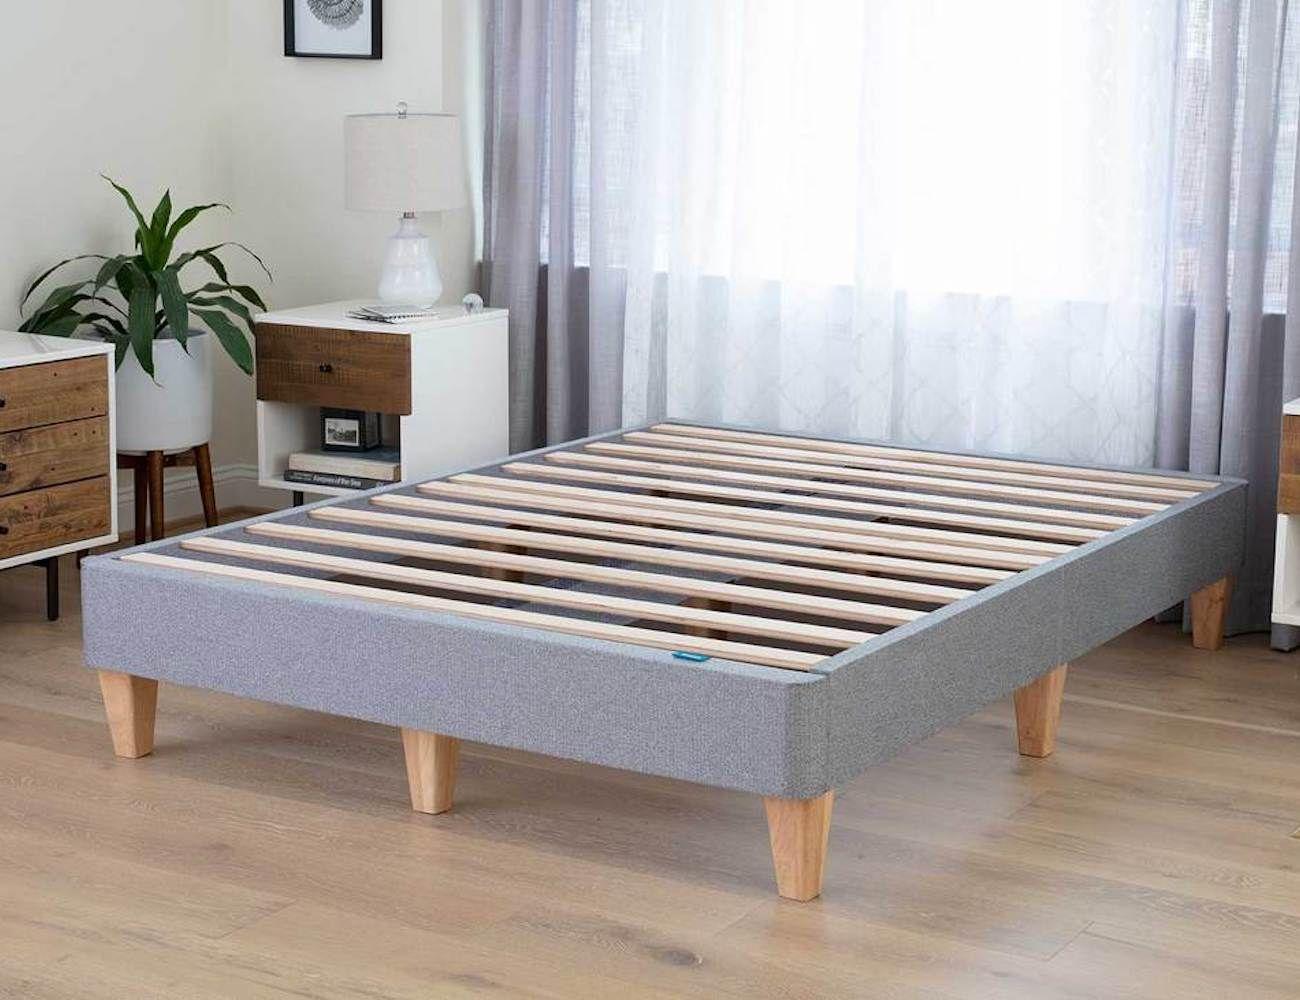 Leesa Platform Bed Easy Assembly Bed Frame Eliminates Your Box Spring Bed Frame Platform Bed Mattress Platform Bed